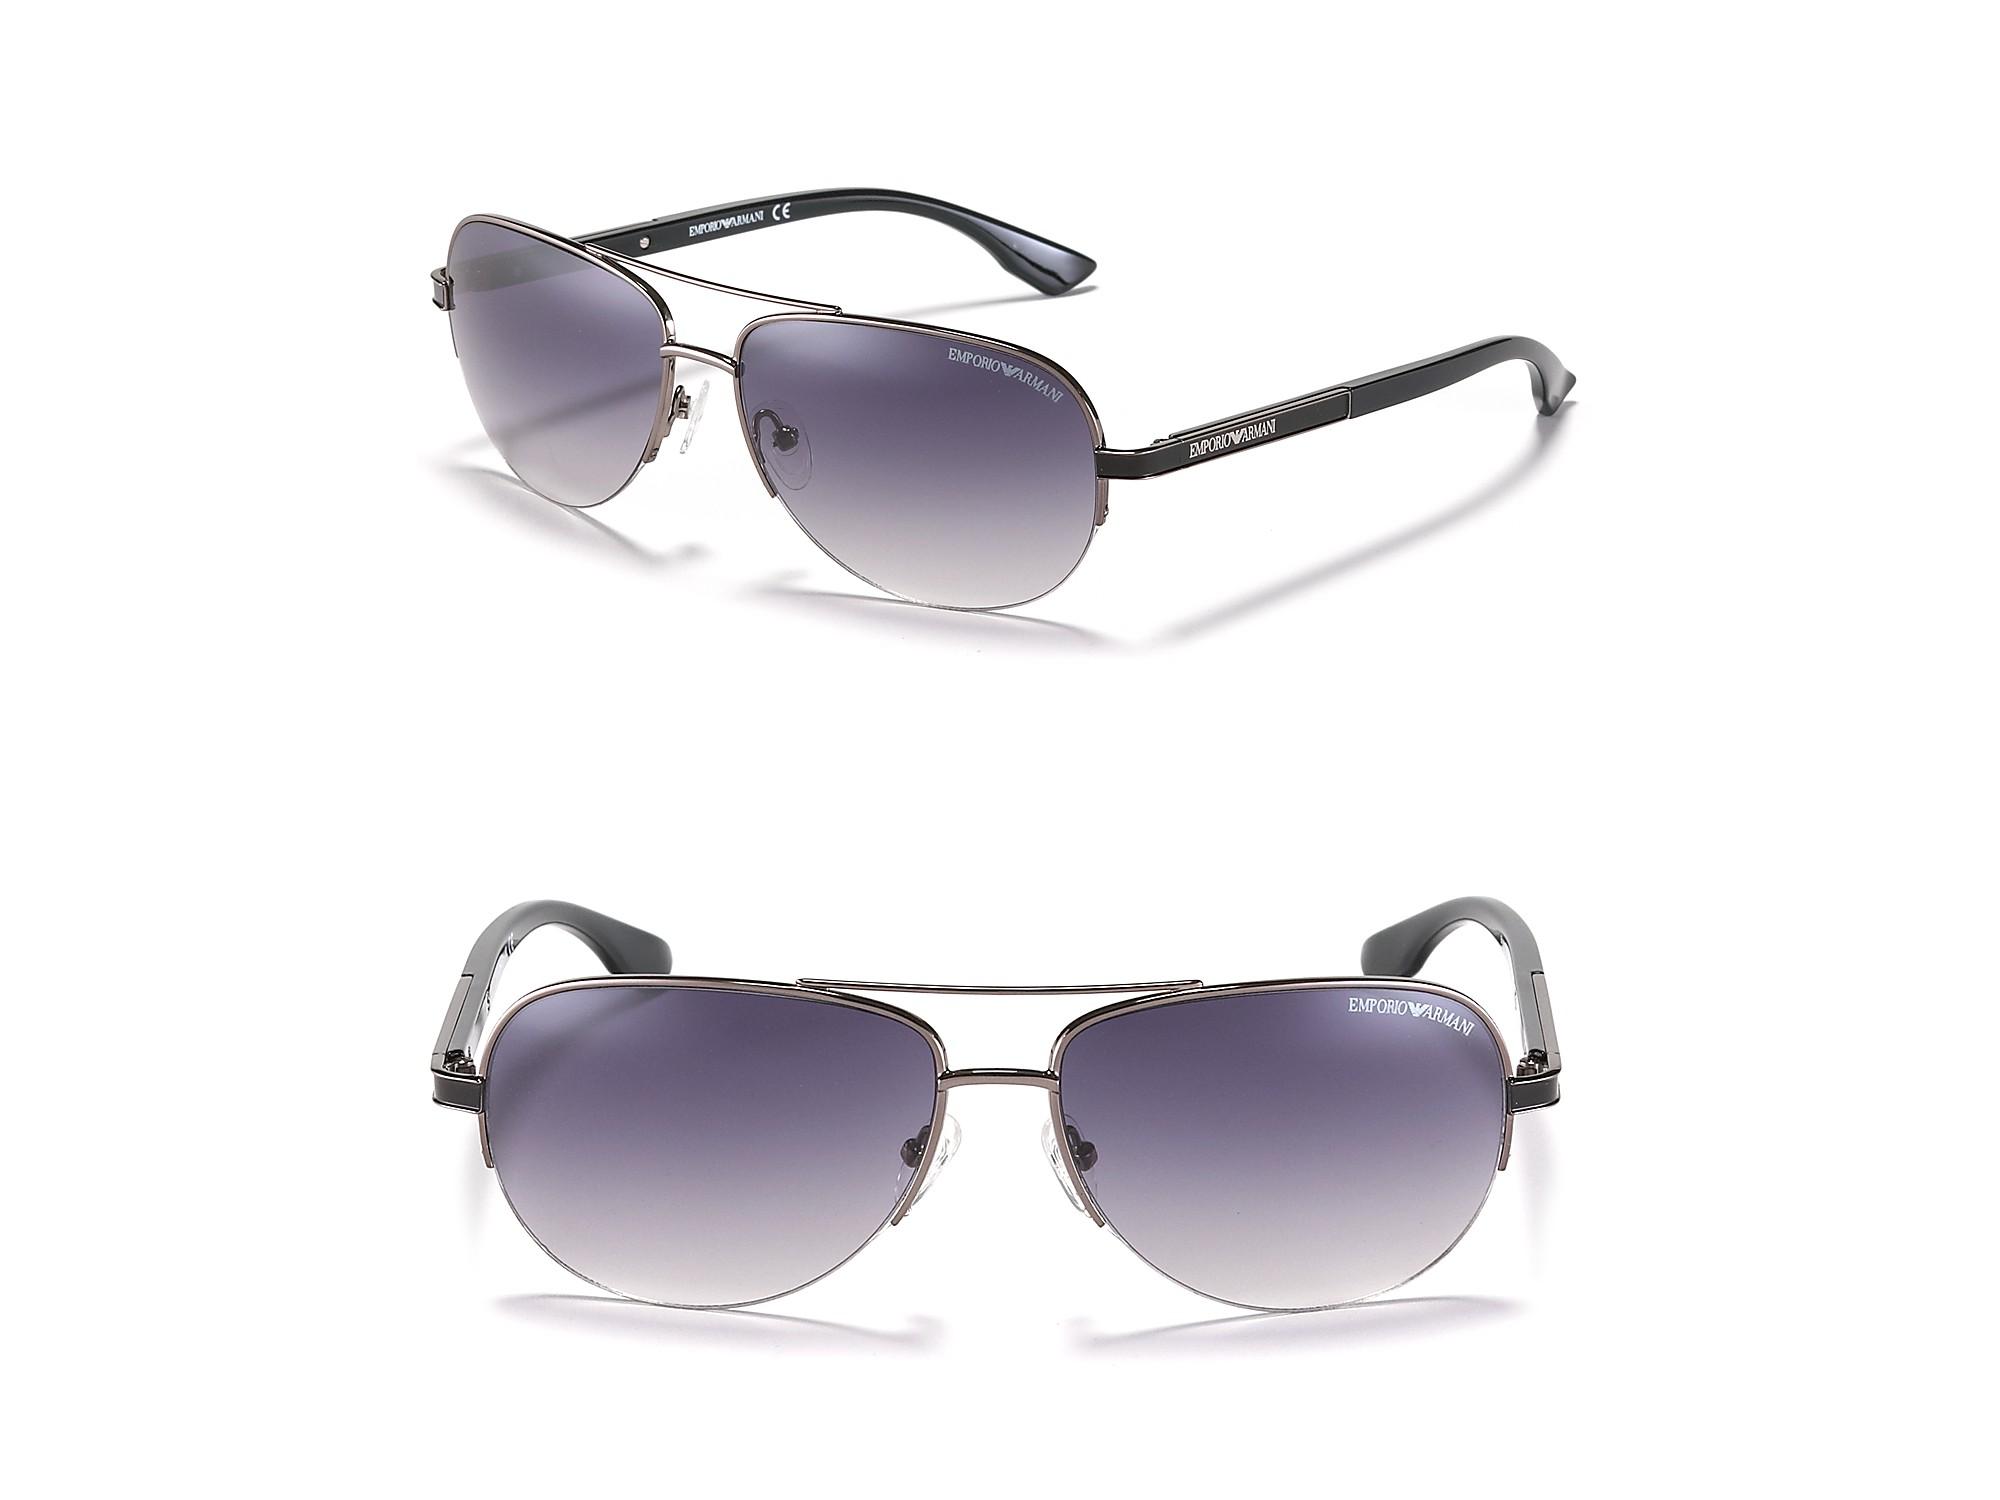 Rimless Glasses Armani : Emporio Armani Rimless Aviator Sunglasses in Black ...